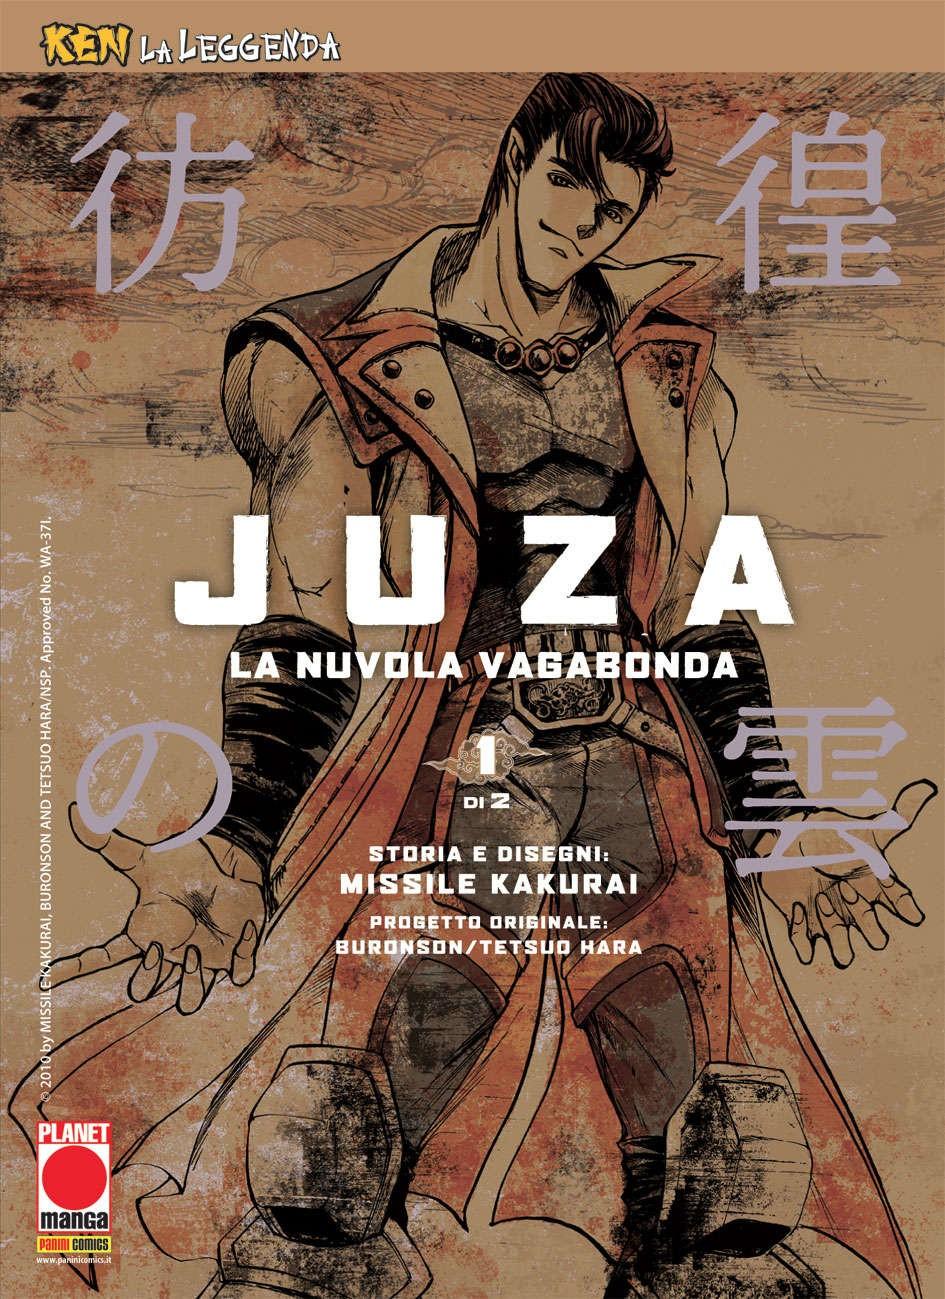 Ken La Leggenda - N° 21 - Juza La Nuvola Vagabonda 1 (M2) - Juza Planet Manga